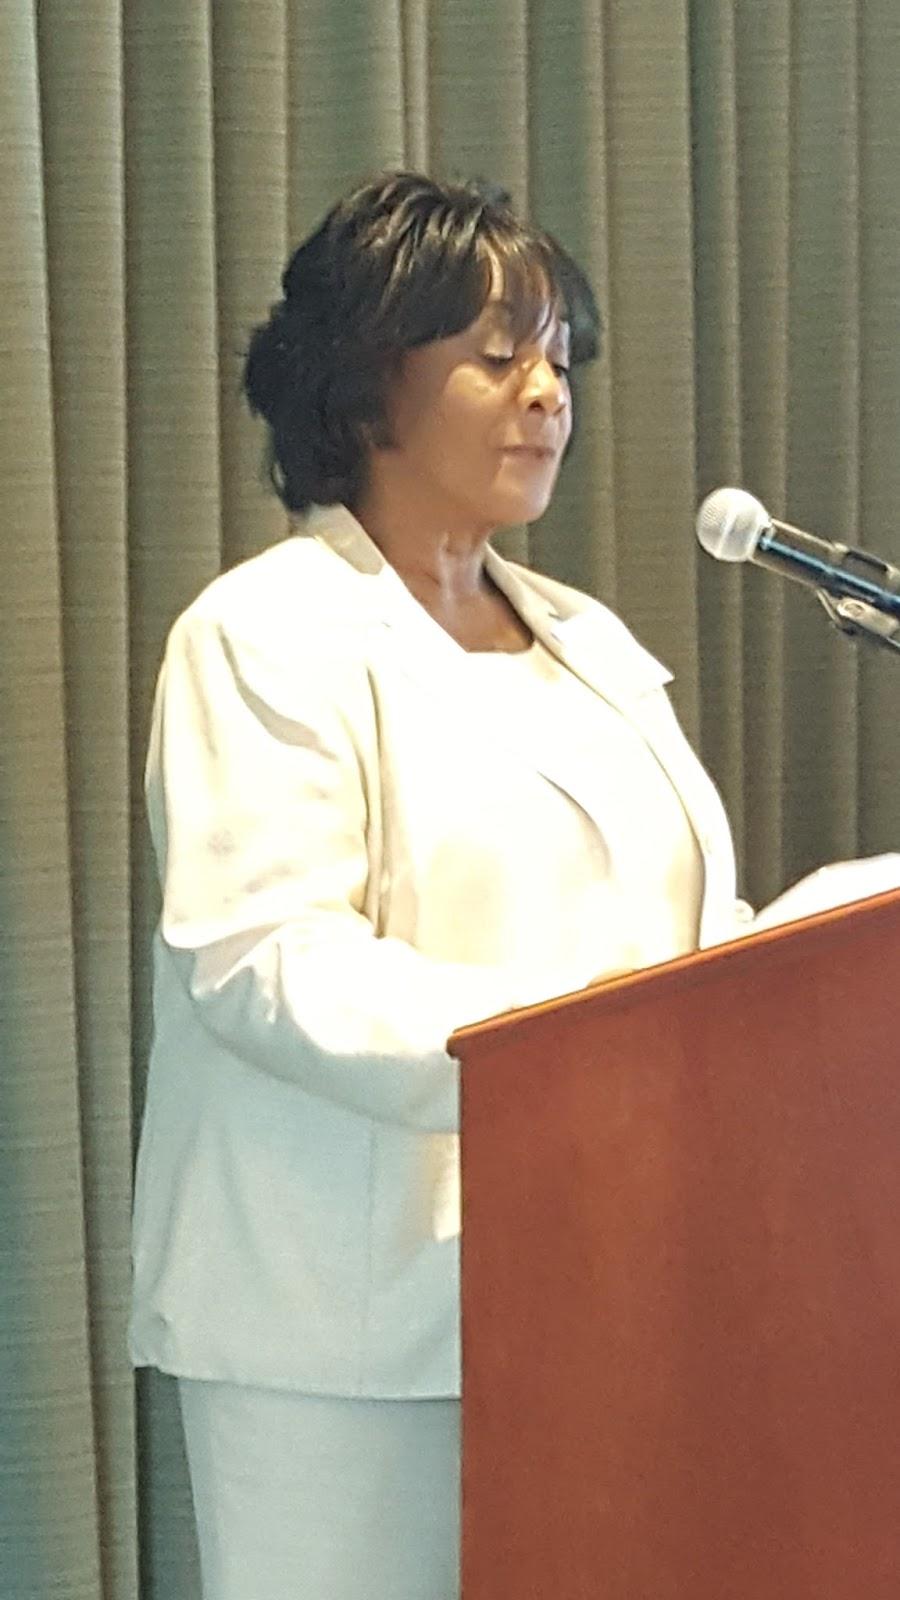 Trista Campbell - 2015 Cheryl A Wilson Scholars